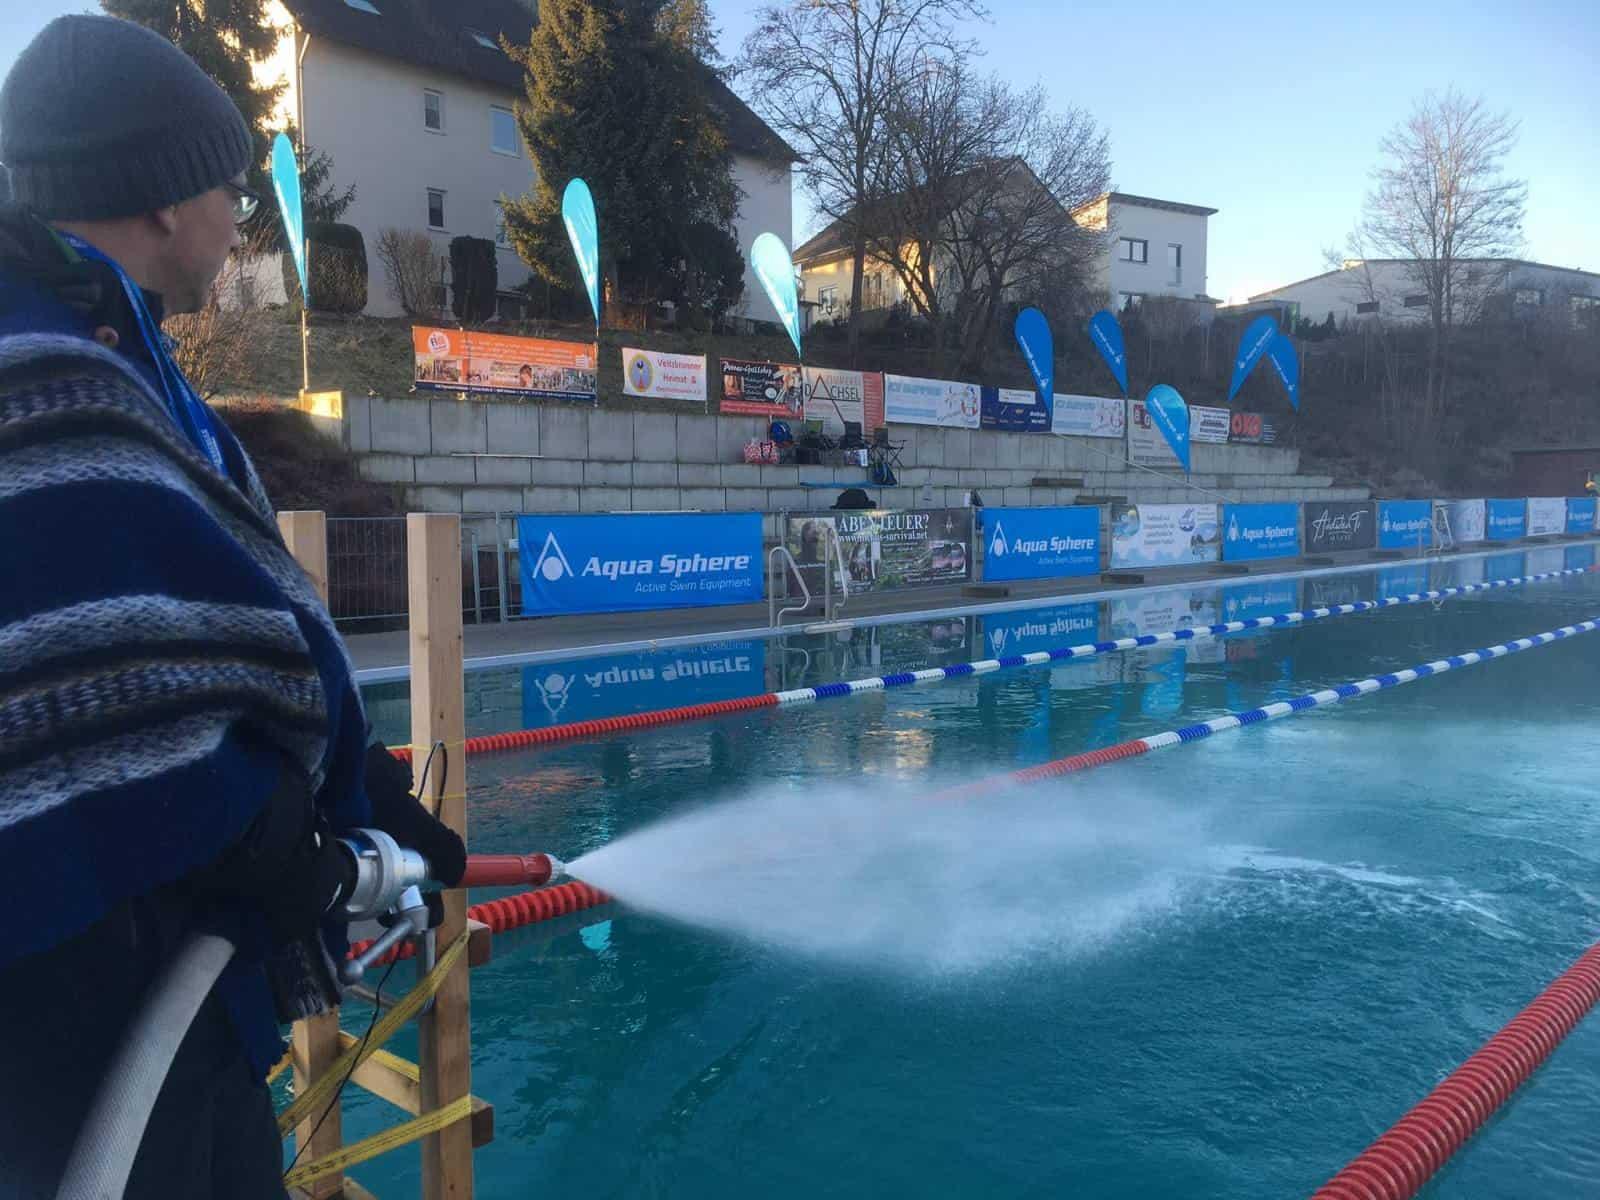 Cool, cooler, Eisschwimmen: In Veitsbronn schwimmen die Athleten bei 2,7 Grad Wassertemperatur.